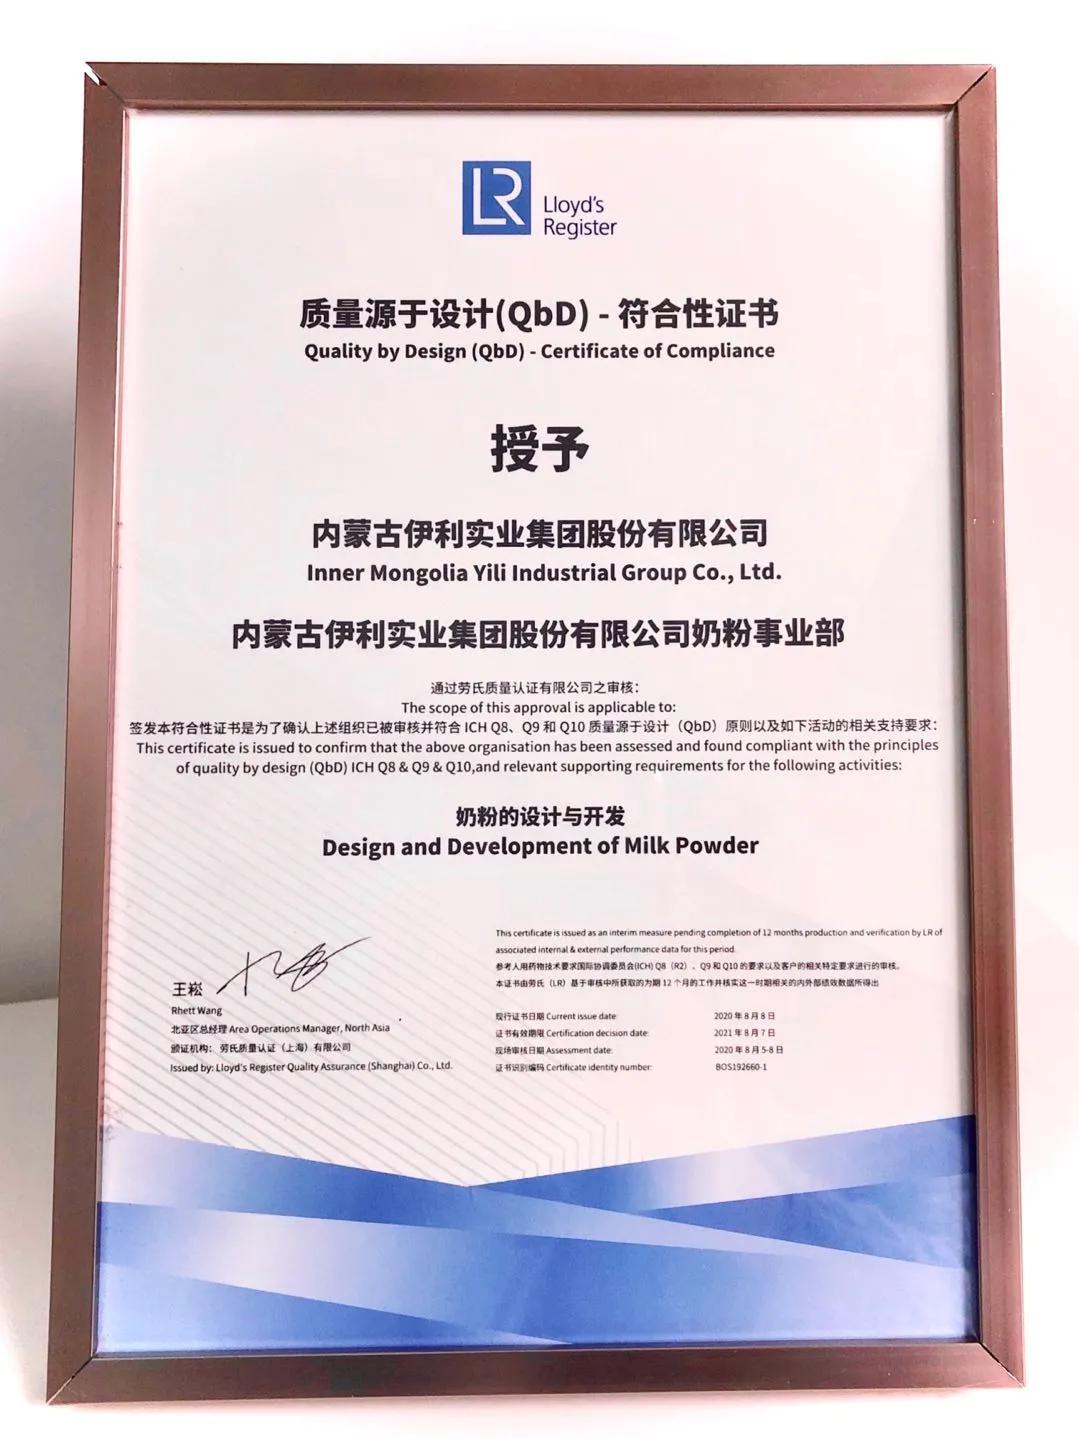 质量源于设计 伊利获颁食品行业首个QbD认证